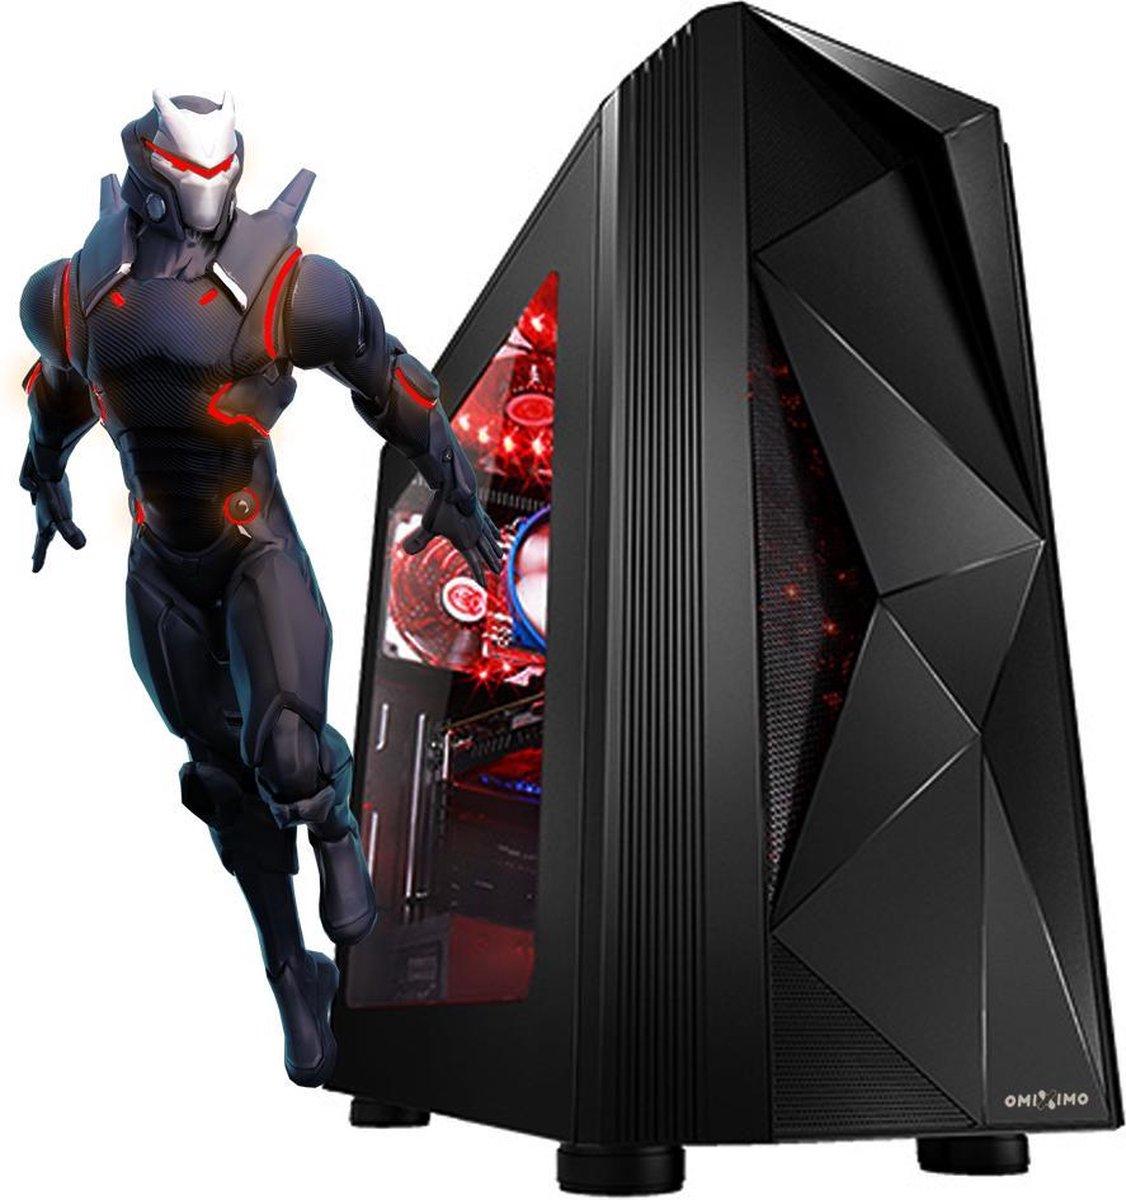 omiXimo   AMD Ryzen 3    Game PC     8 GB ram   240 GB SSD   Geschikt voor: Fortnite, Minecraft, Sim